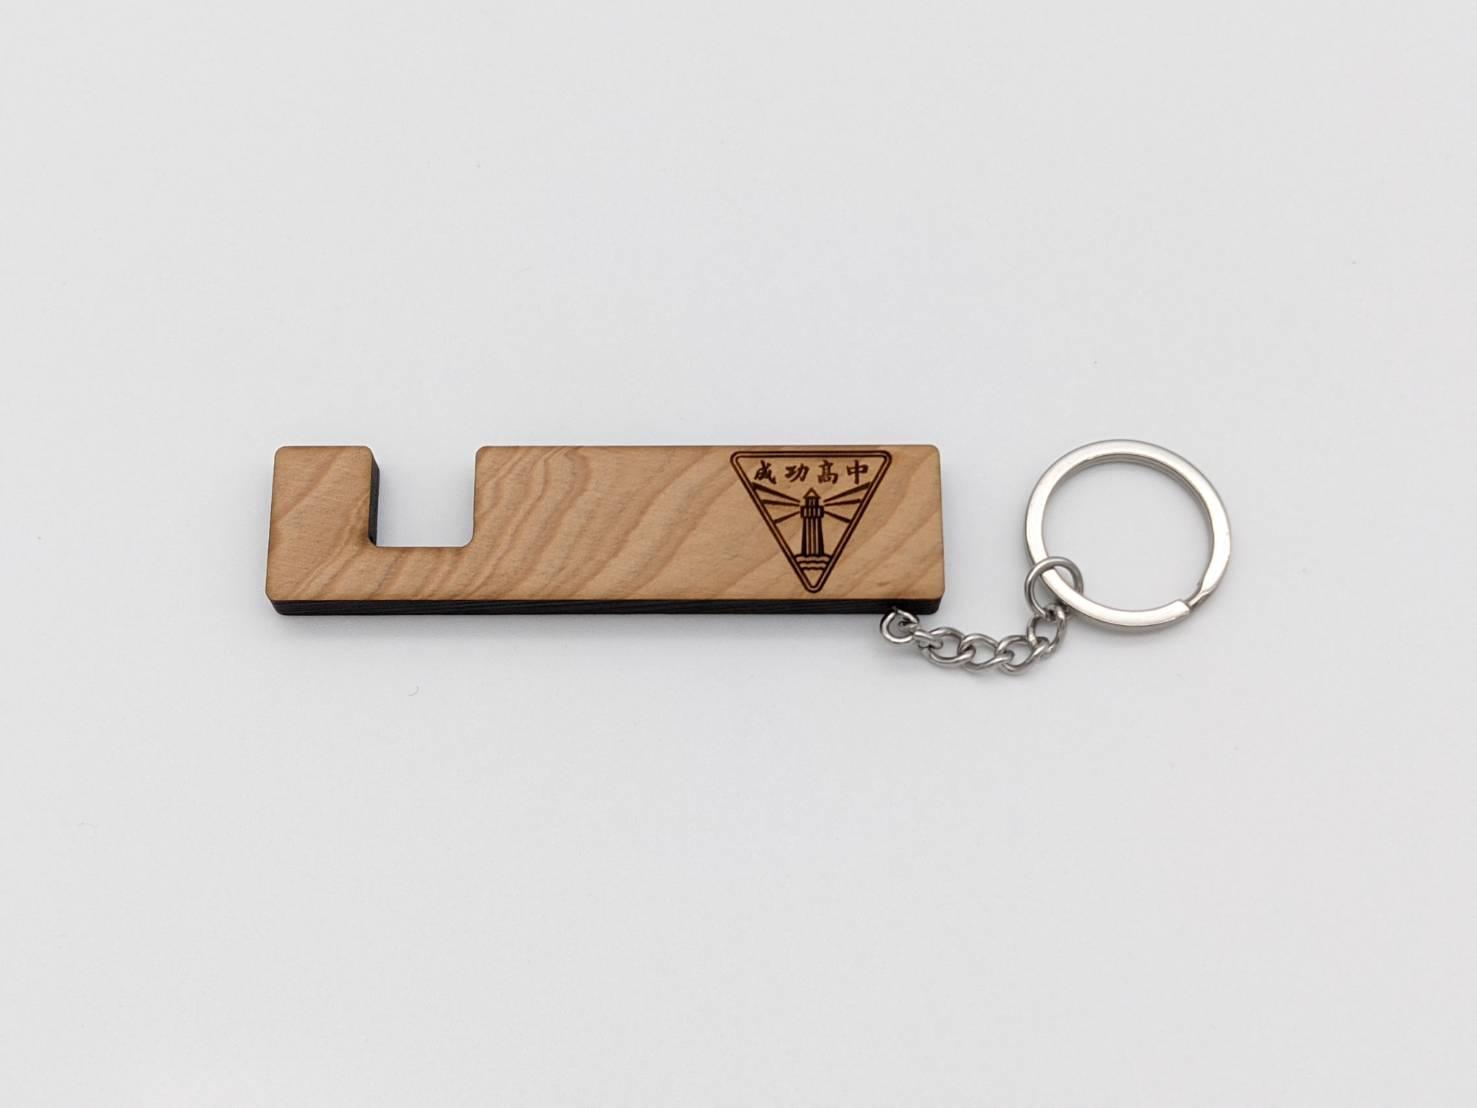 檜木原木手機支架鑰匙圈(1)